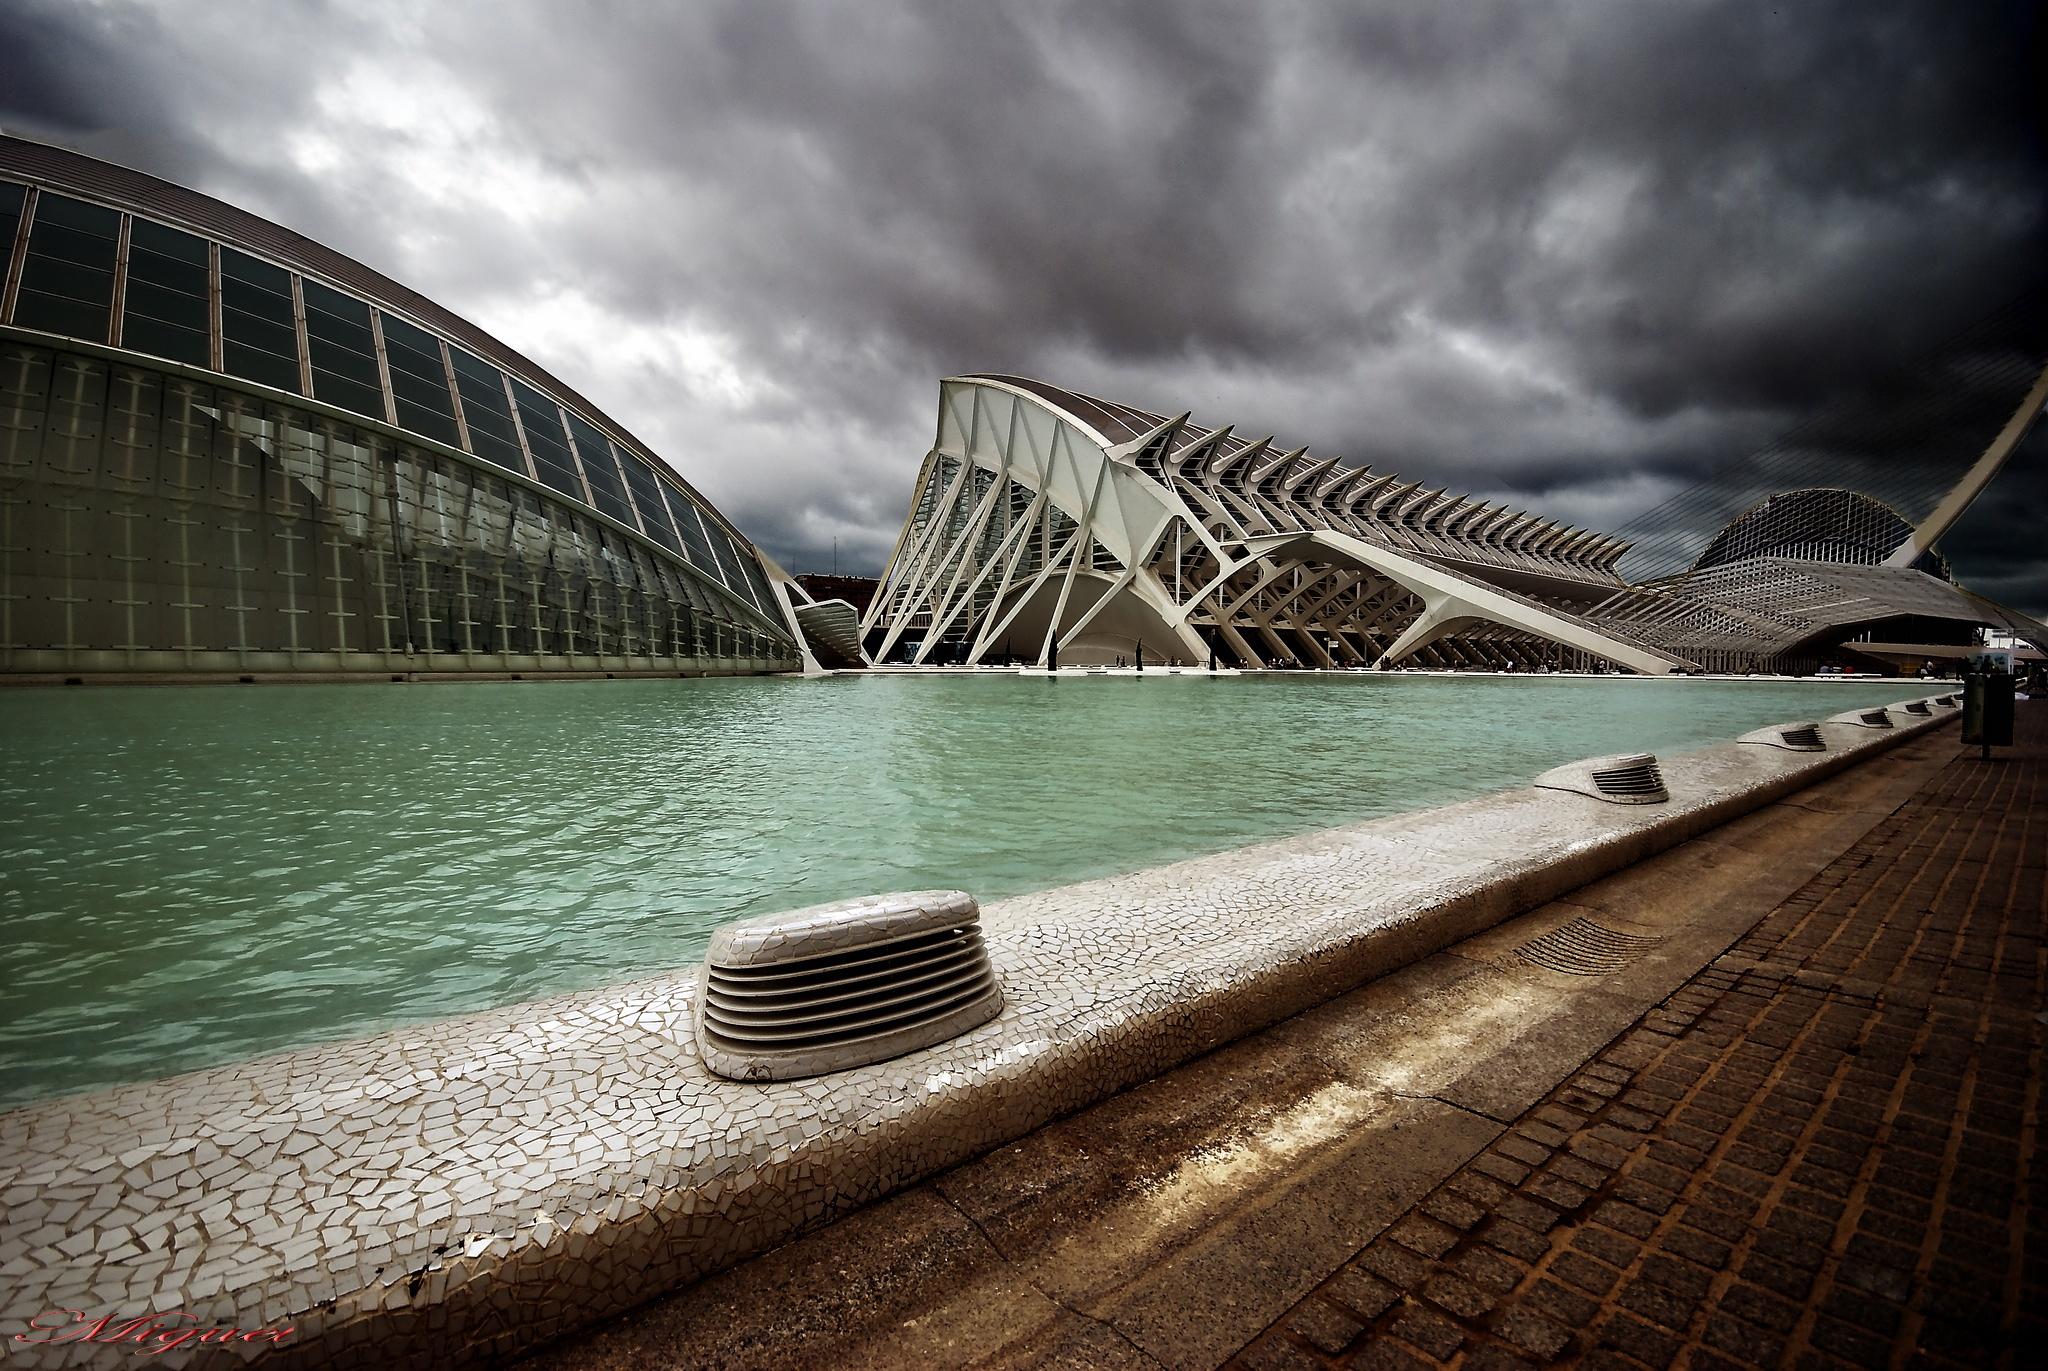 ciudad de las artes by Miguel Angel Martin Vargas